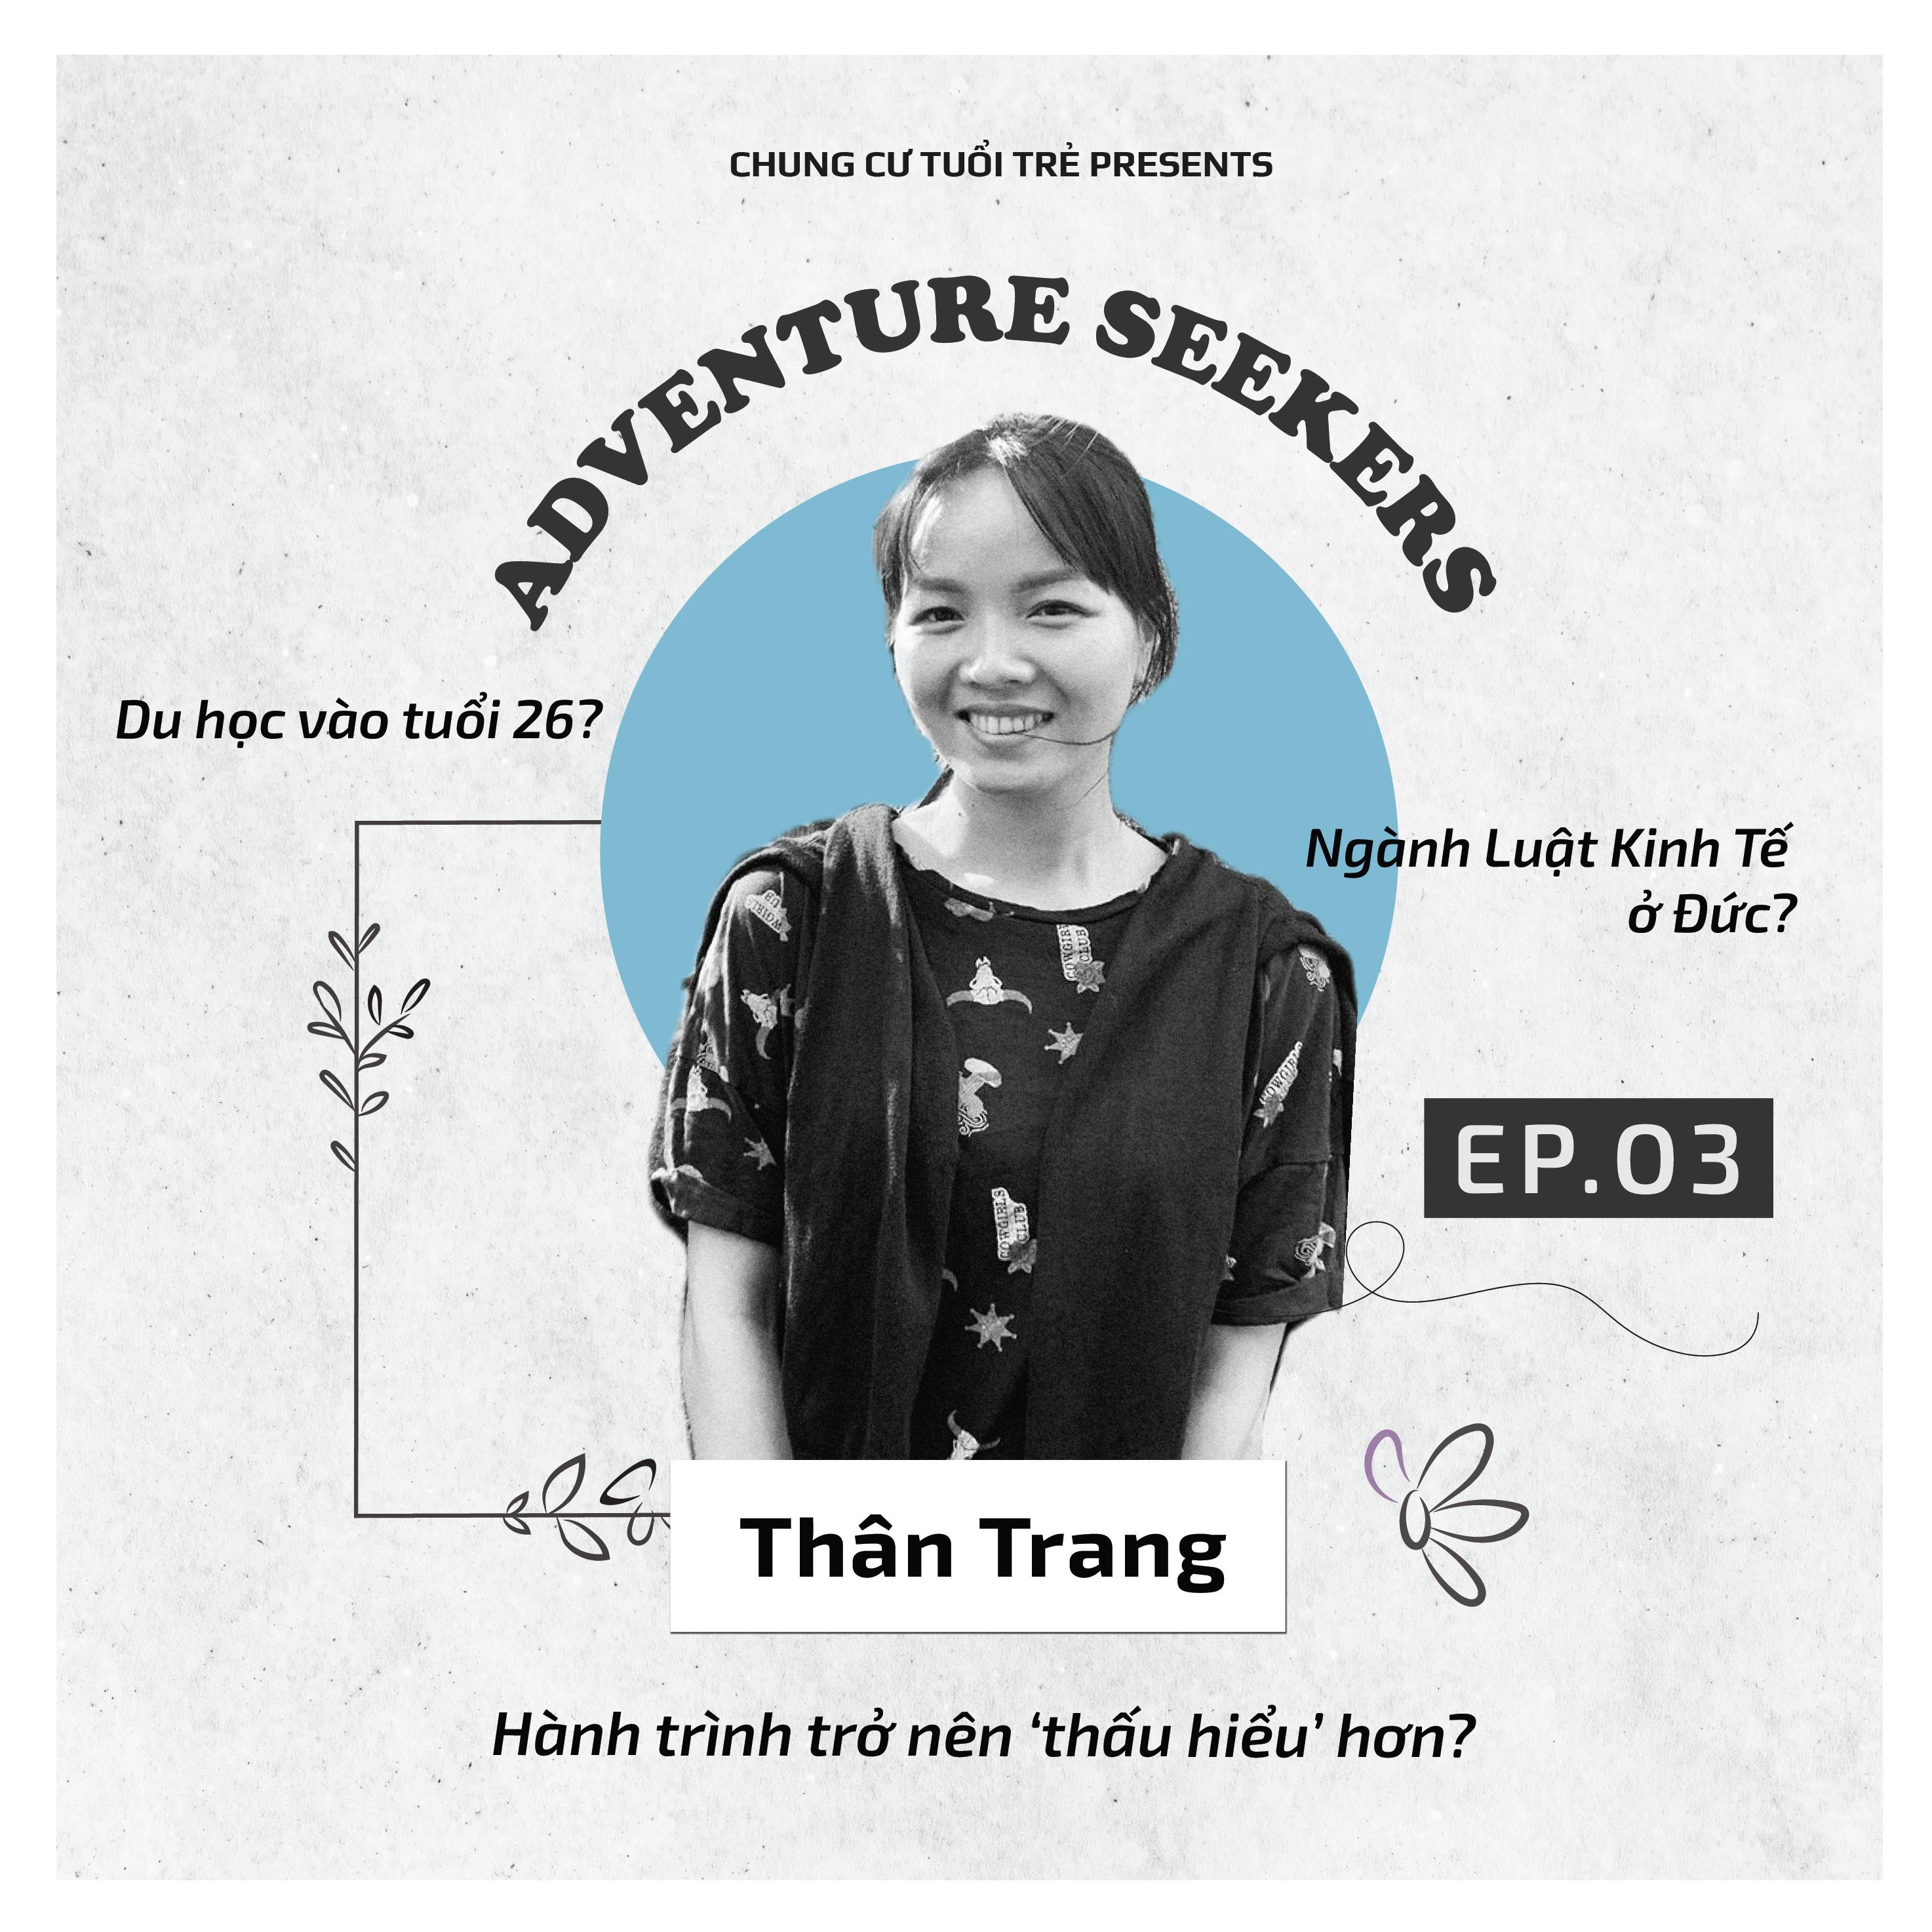 Adventure Seekers #3: Thân Trang – Hành trình khám phá miền đất mới